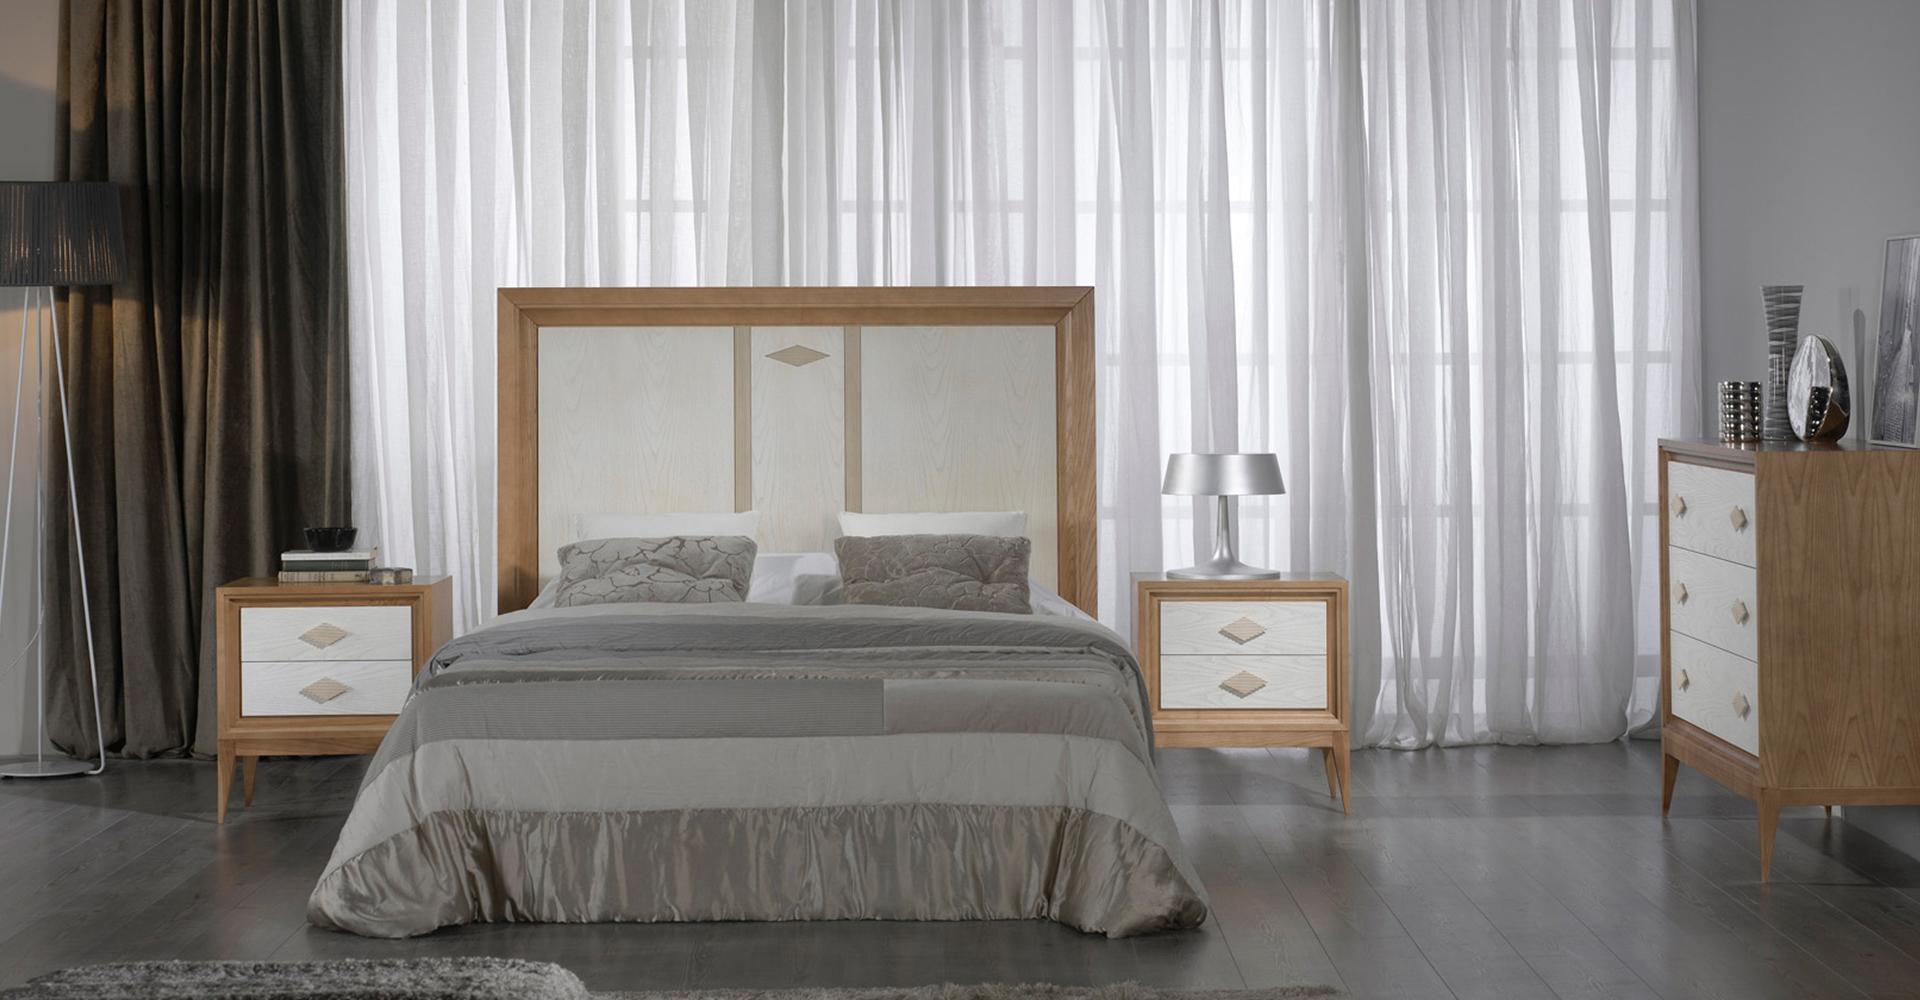 dormitorio de estilo contemporaneo (35)